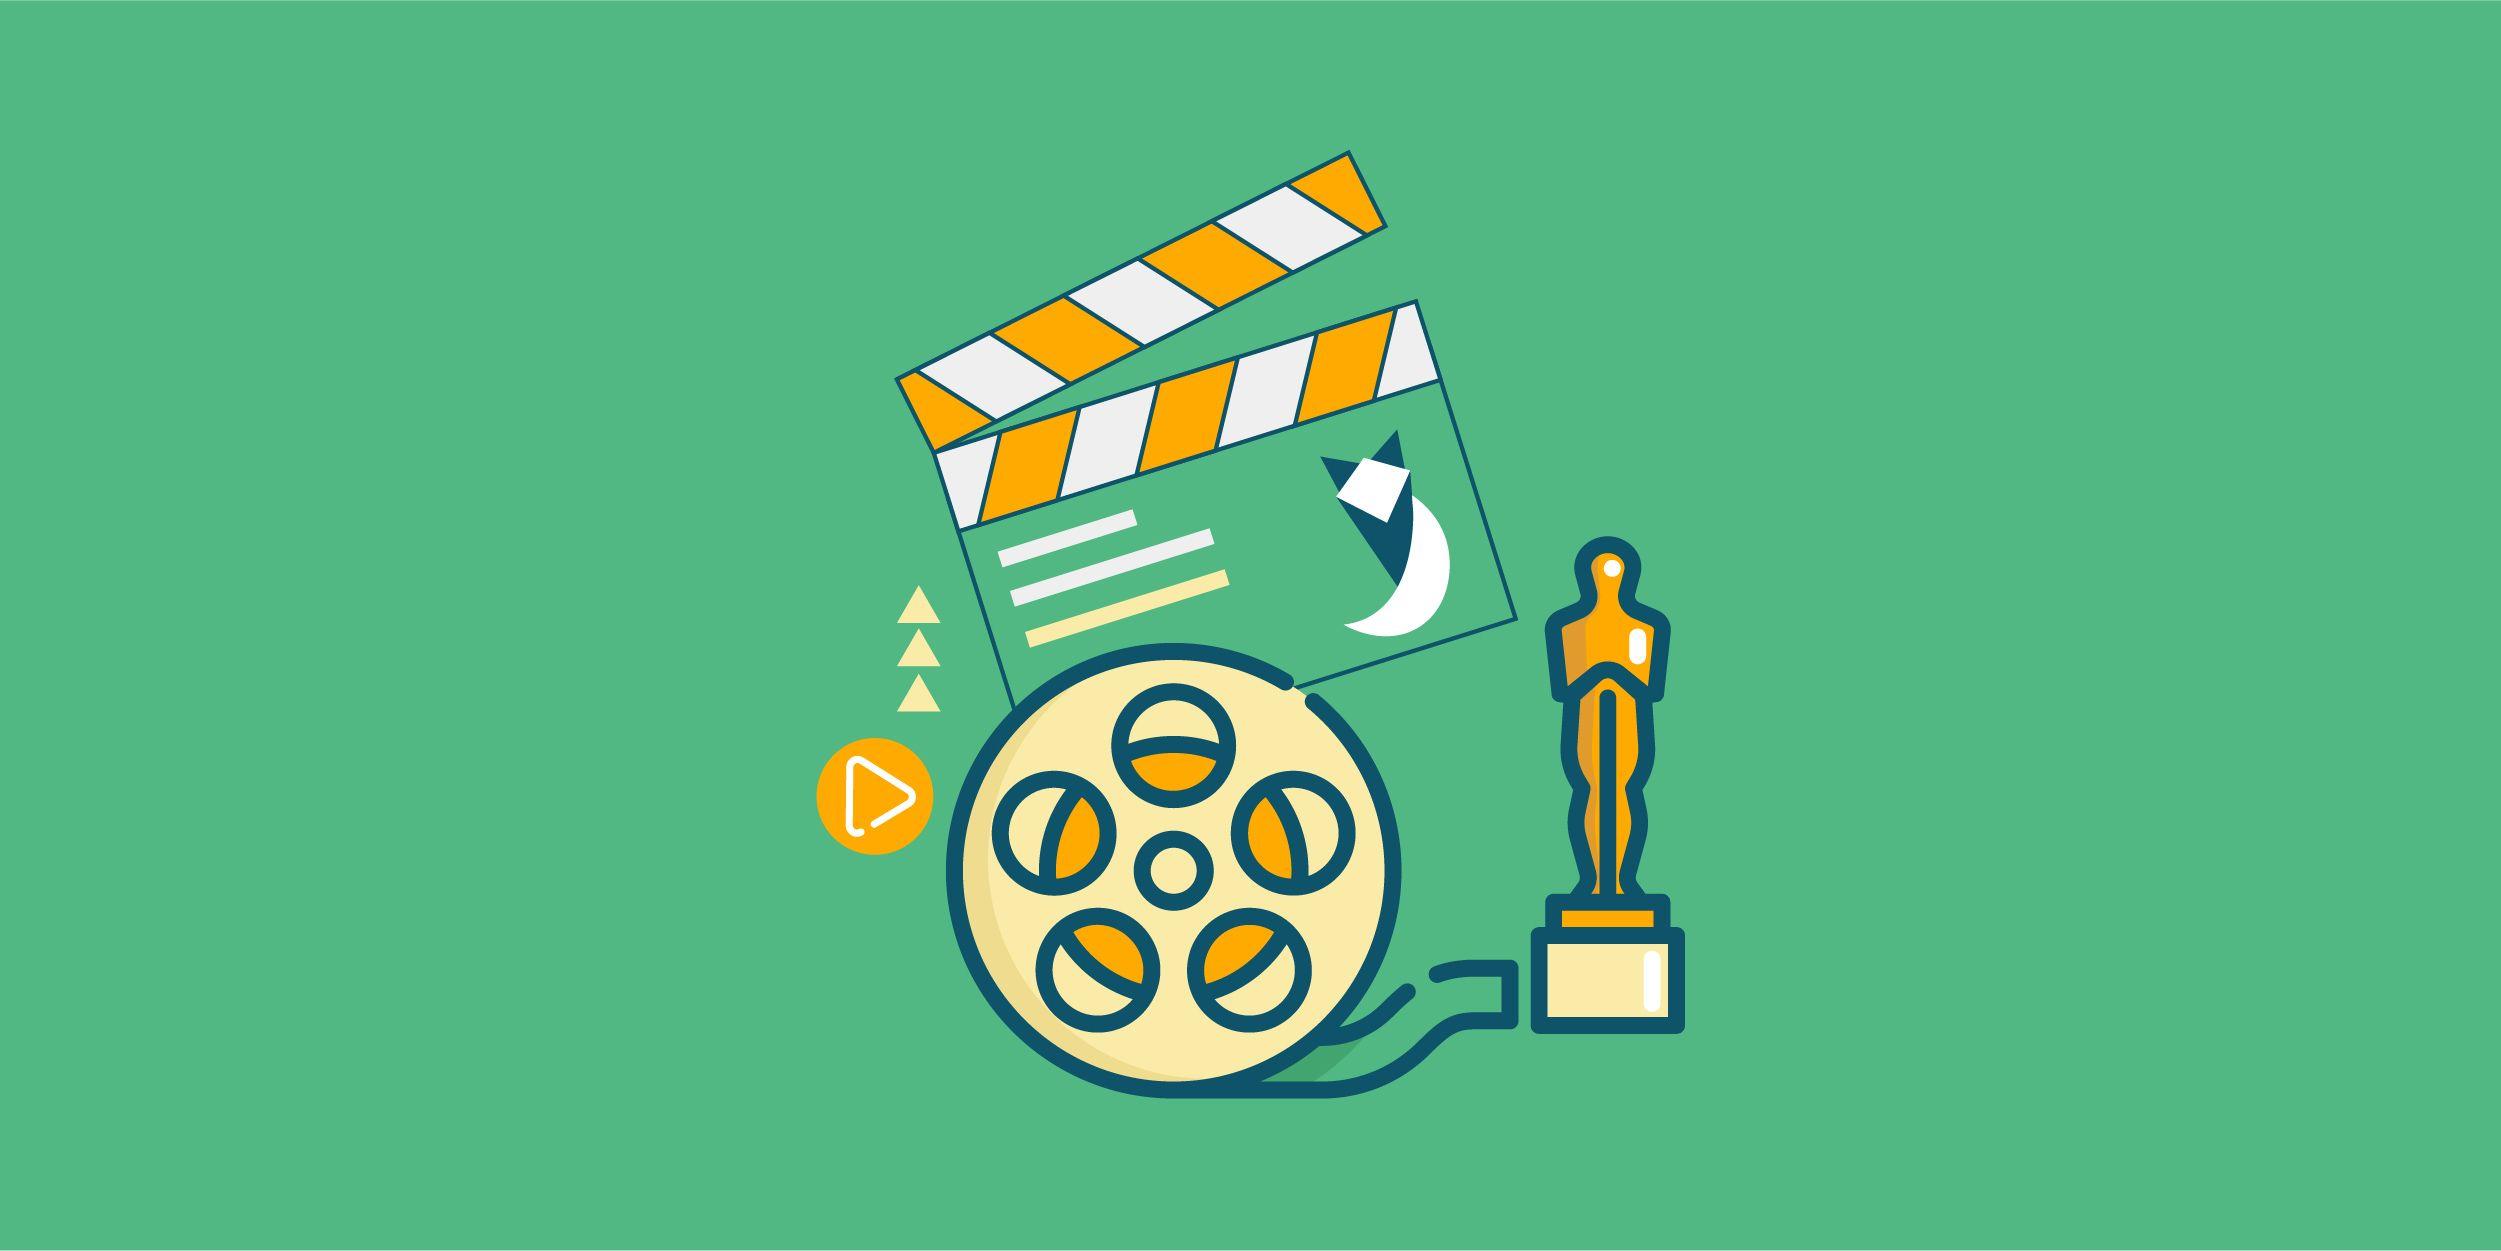 أفلام عن المال والاستثمار اترشحت للأوسكار